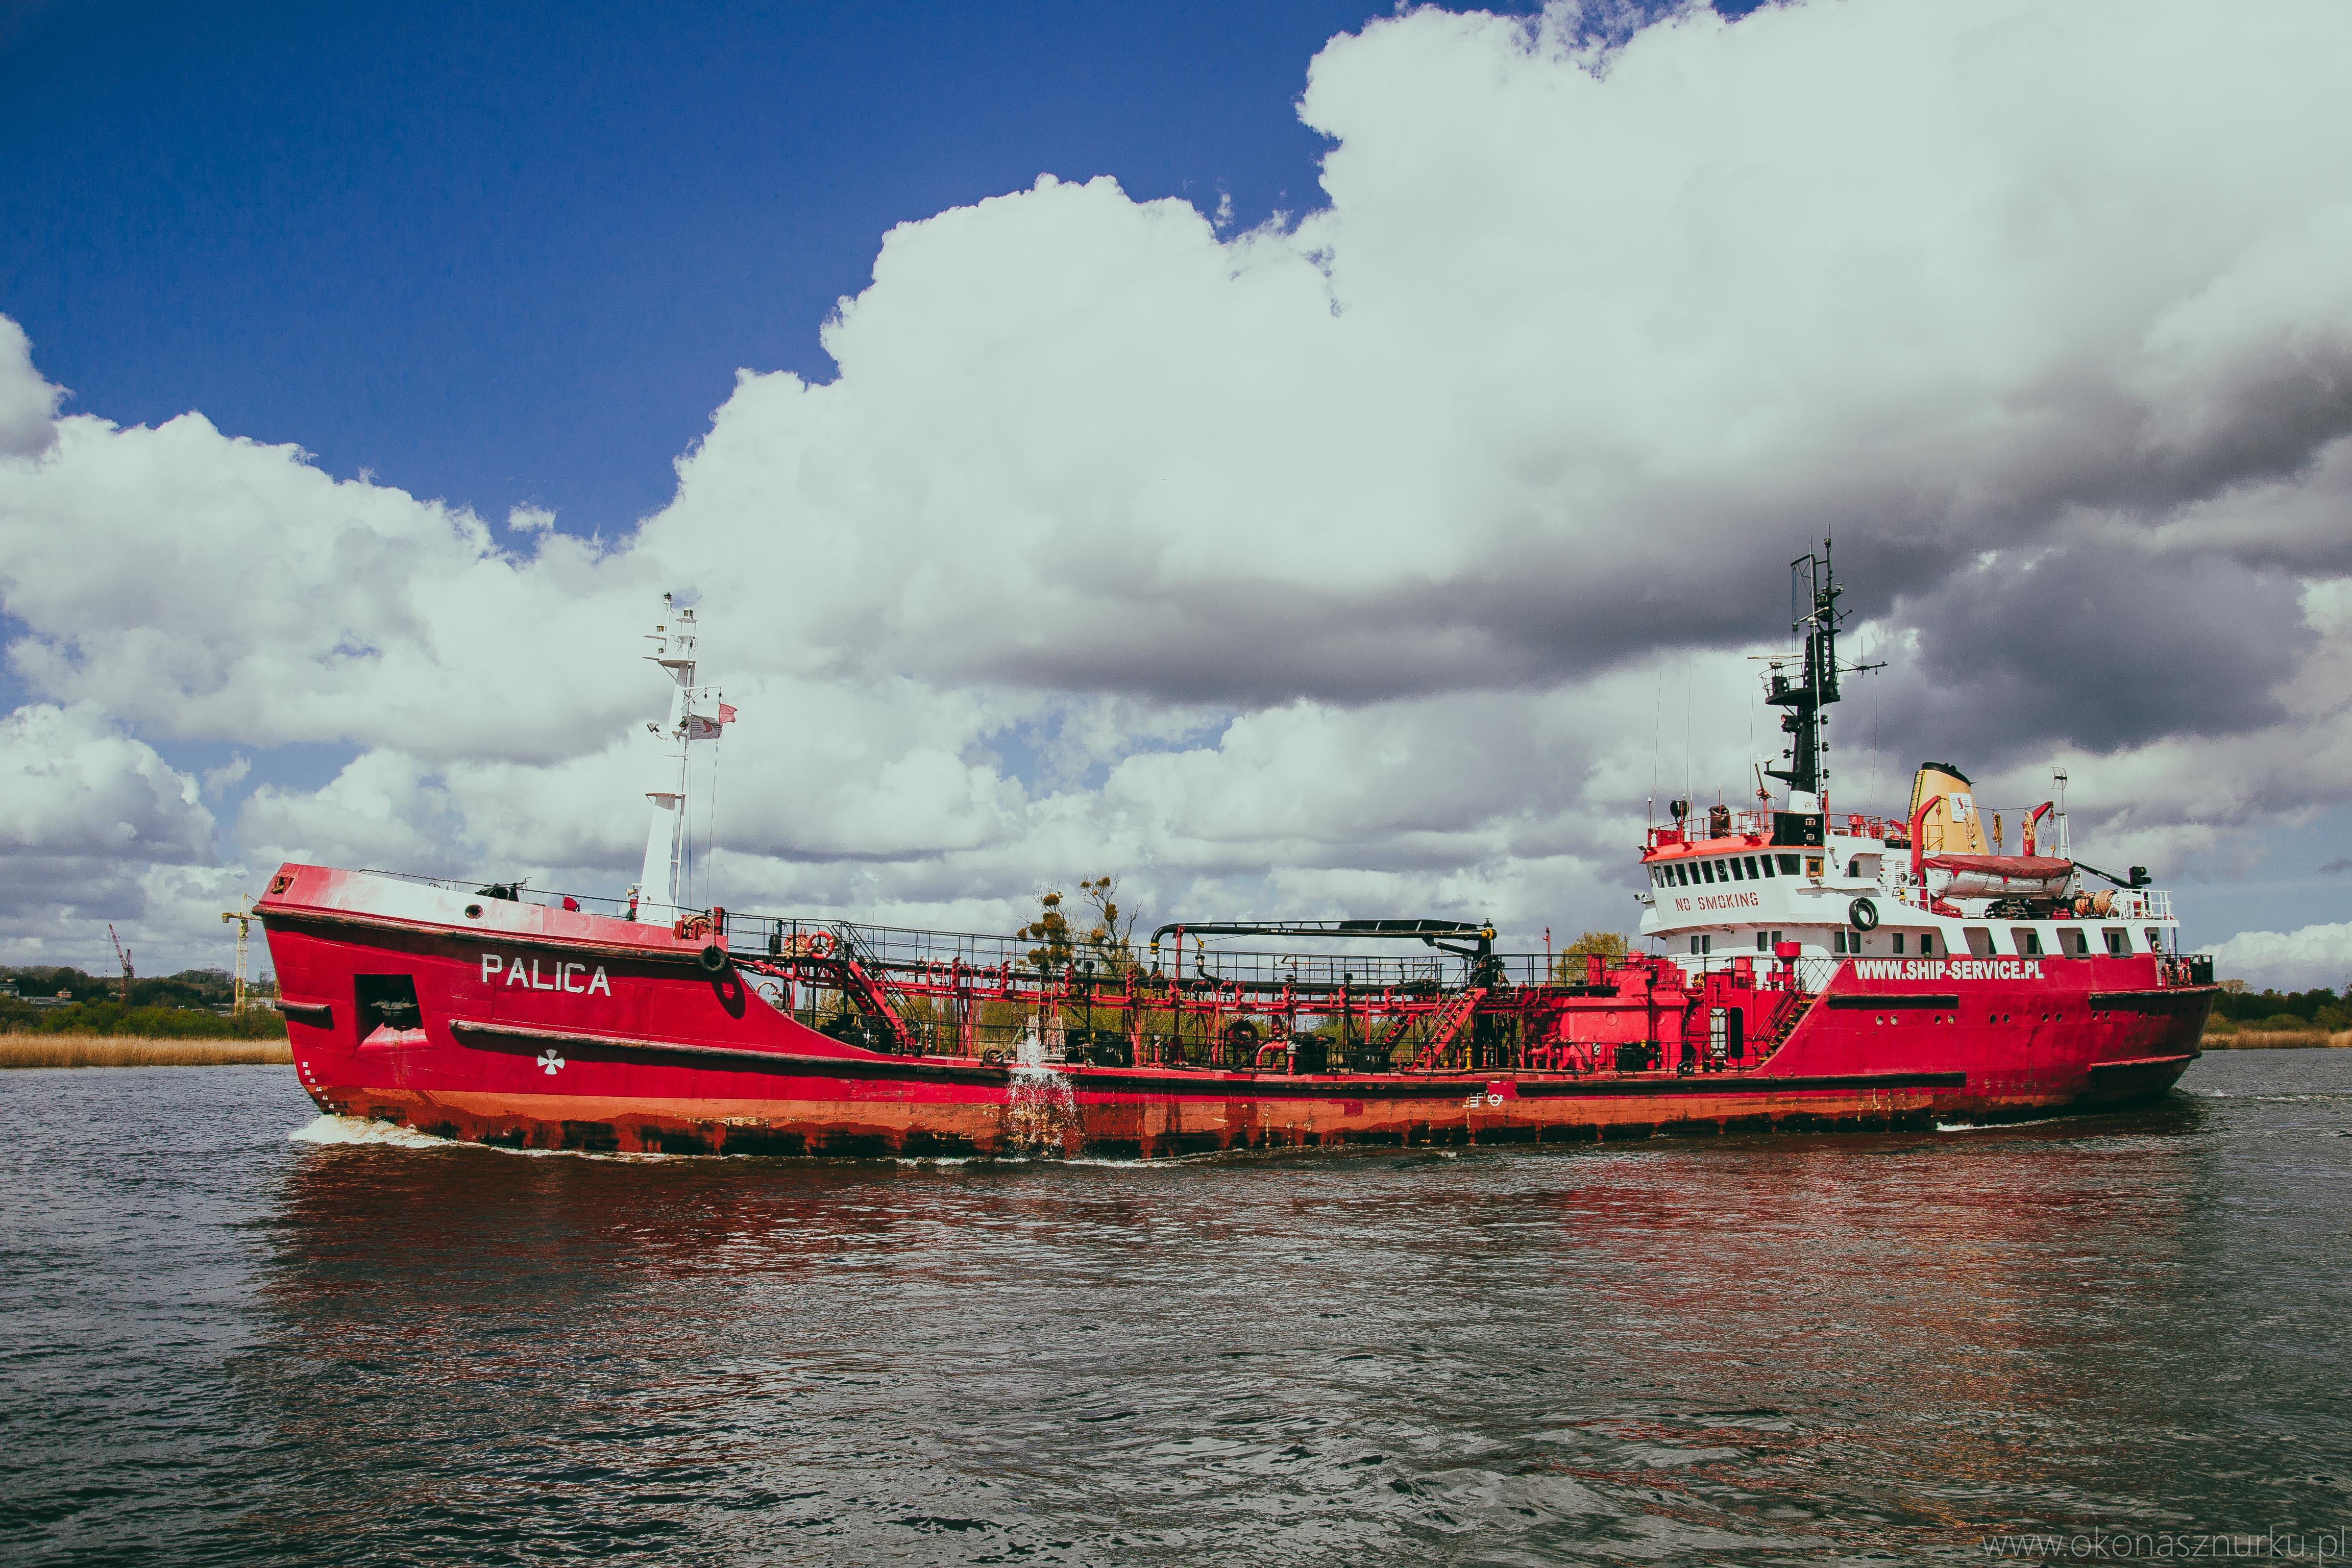 marina-jacht-wyprawy-morskie-silesia-szczecin-goclaw-lubczyna (49)